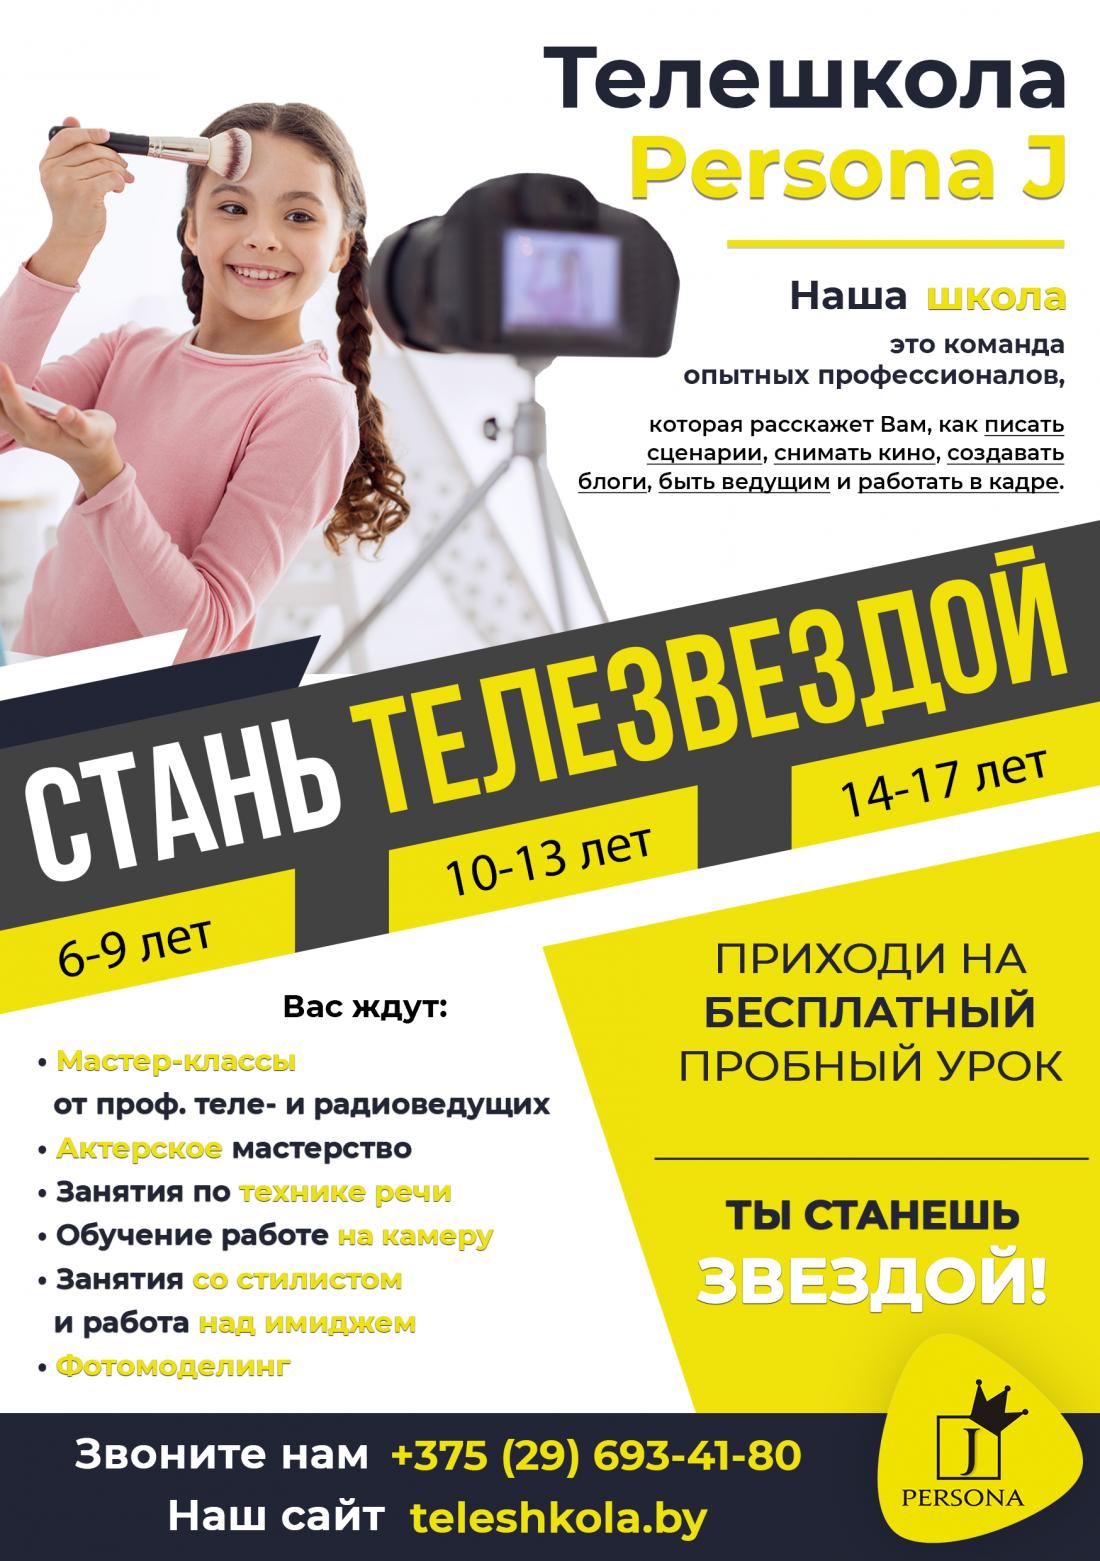 """Бесплатное пробное занятие (0 руб), обучение для детей в телешколе """"Persona J"""" от 12,50 руб/занятие"""